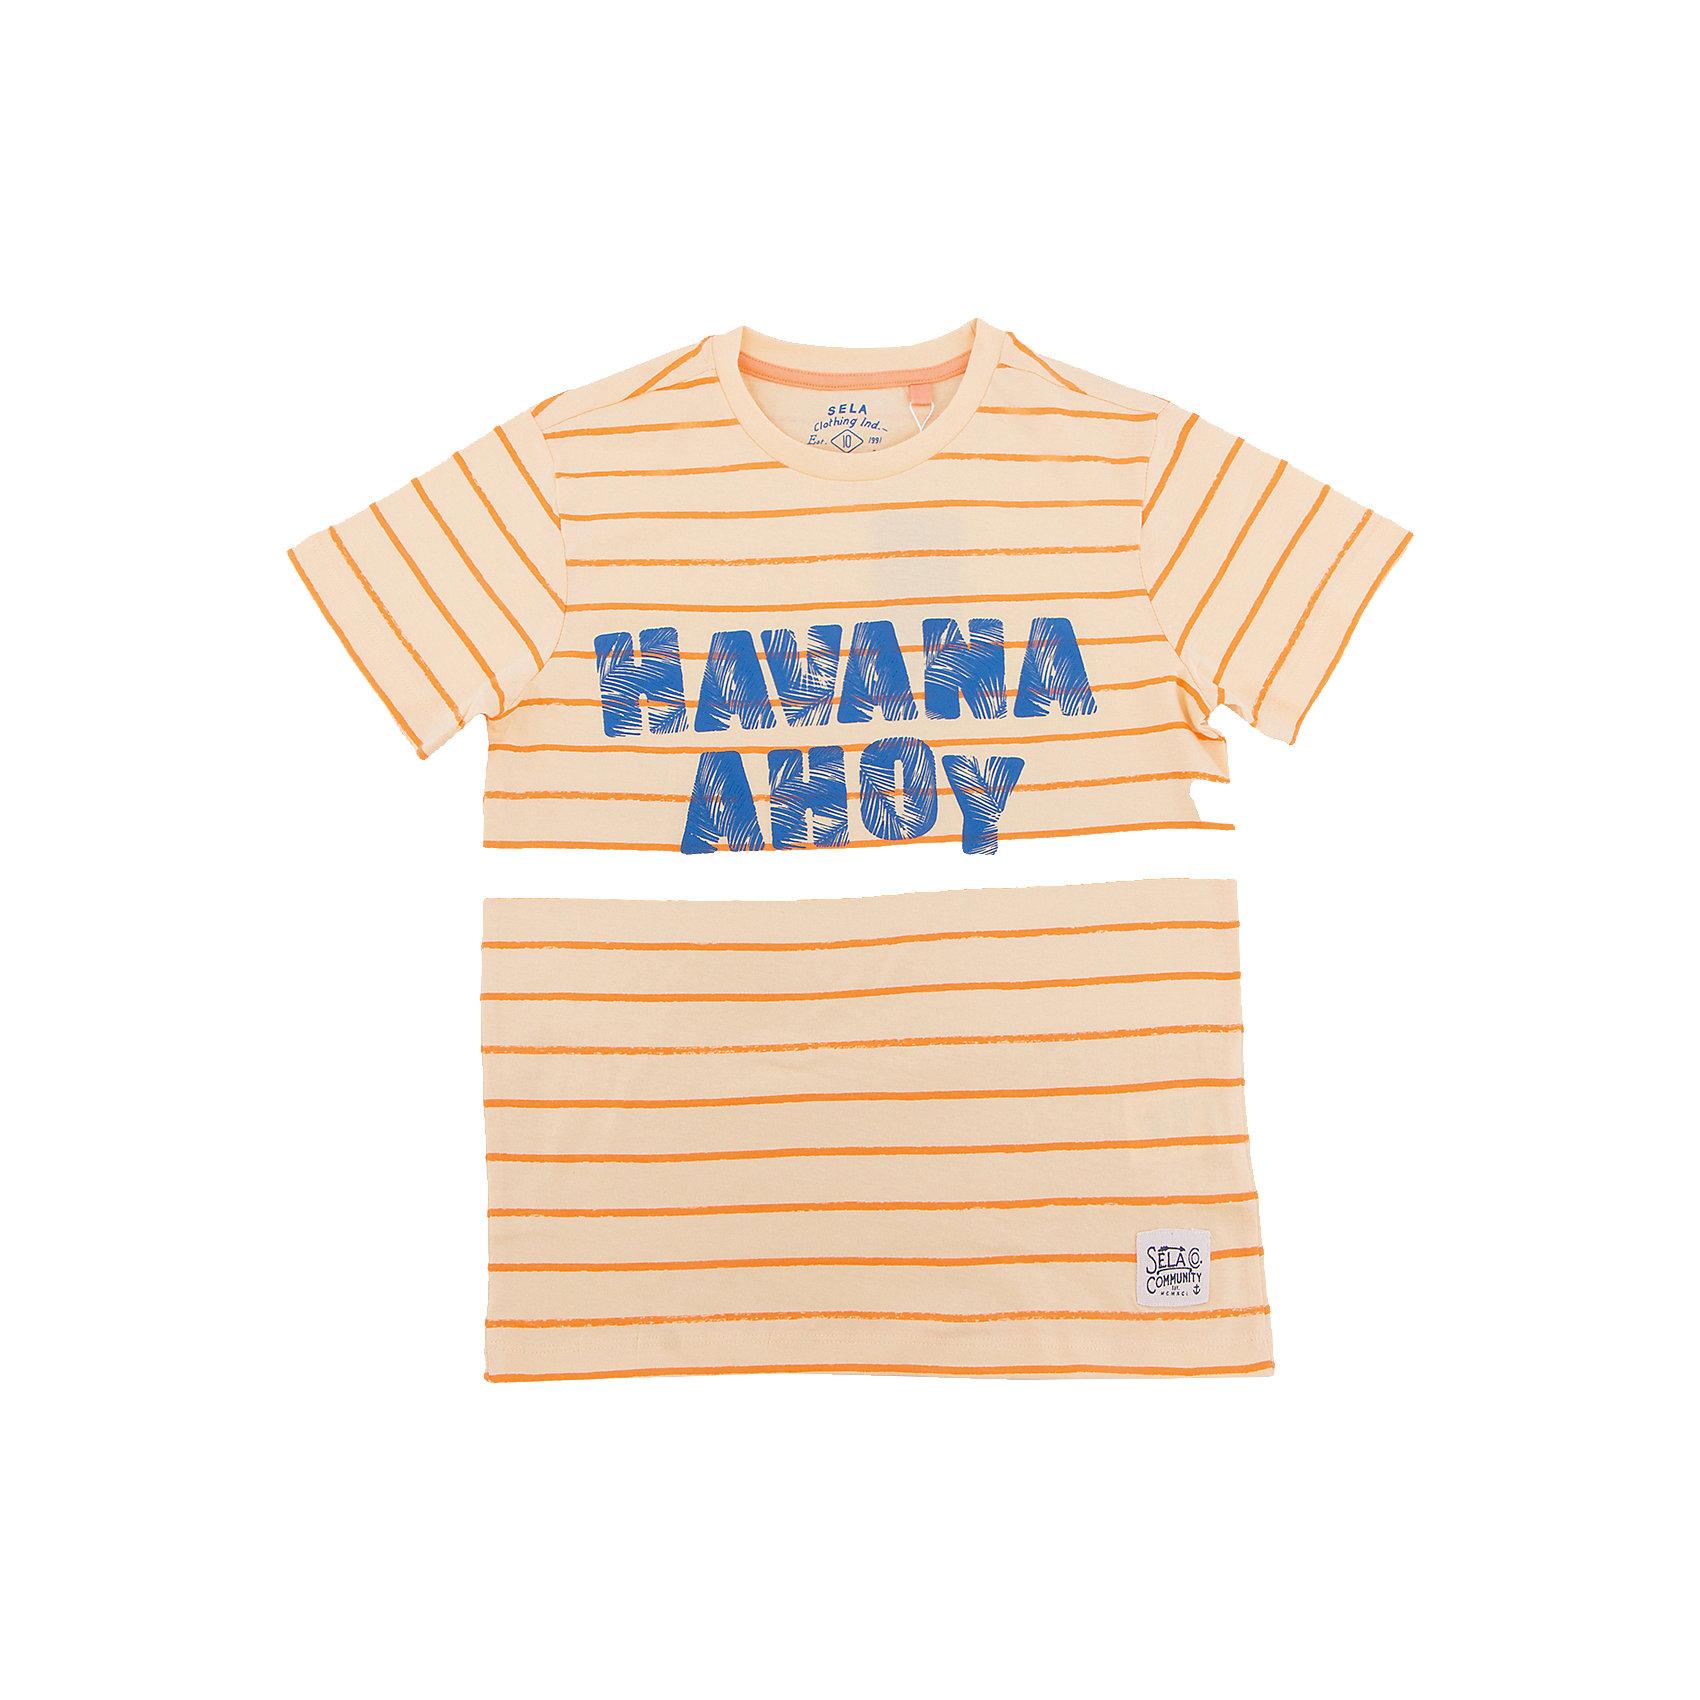 Футболка для мальчика SELAФутболки, поло и топы<br>Характеристики товара:<br><br>• состав: 100% хлопок<br>• декорирована принтом<br>• сезон: лето<br>• рукава короткие<br>• округлый горловой вырез<br>• страна бренда: Россия<br><br>Вещи из новой коллекции SELA продолжают радовать удобством! Эта футболка для мальчика поможет разнообразить гардероб ребенка и обеспечить комфорт. Она отлично сочетается с шортами и брюками. Стильная и удобная вещь!<br><br>Одежда, обувь и аксессуары от российского бренда SELA не зря пользуются большой популярностью у детей и взрослых! <br><br>Футболку для мальчика от популярного бренда SELA (СЕЛА) можно купить в нашем интернет-магазине.<br><br>Ширина мм: 230<br>Глубина мм: 40<br>Высота мм: 220<br>Вес г: 250<br>Цвет: желтый<br>Возраст от месяцев: 108<br>Возраст до месяцев: 120<br>Пол: Мужской<br>Возраст: Детский<br>Размер: 140,134,146,152,122,128<br>SKU: 5304190